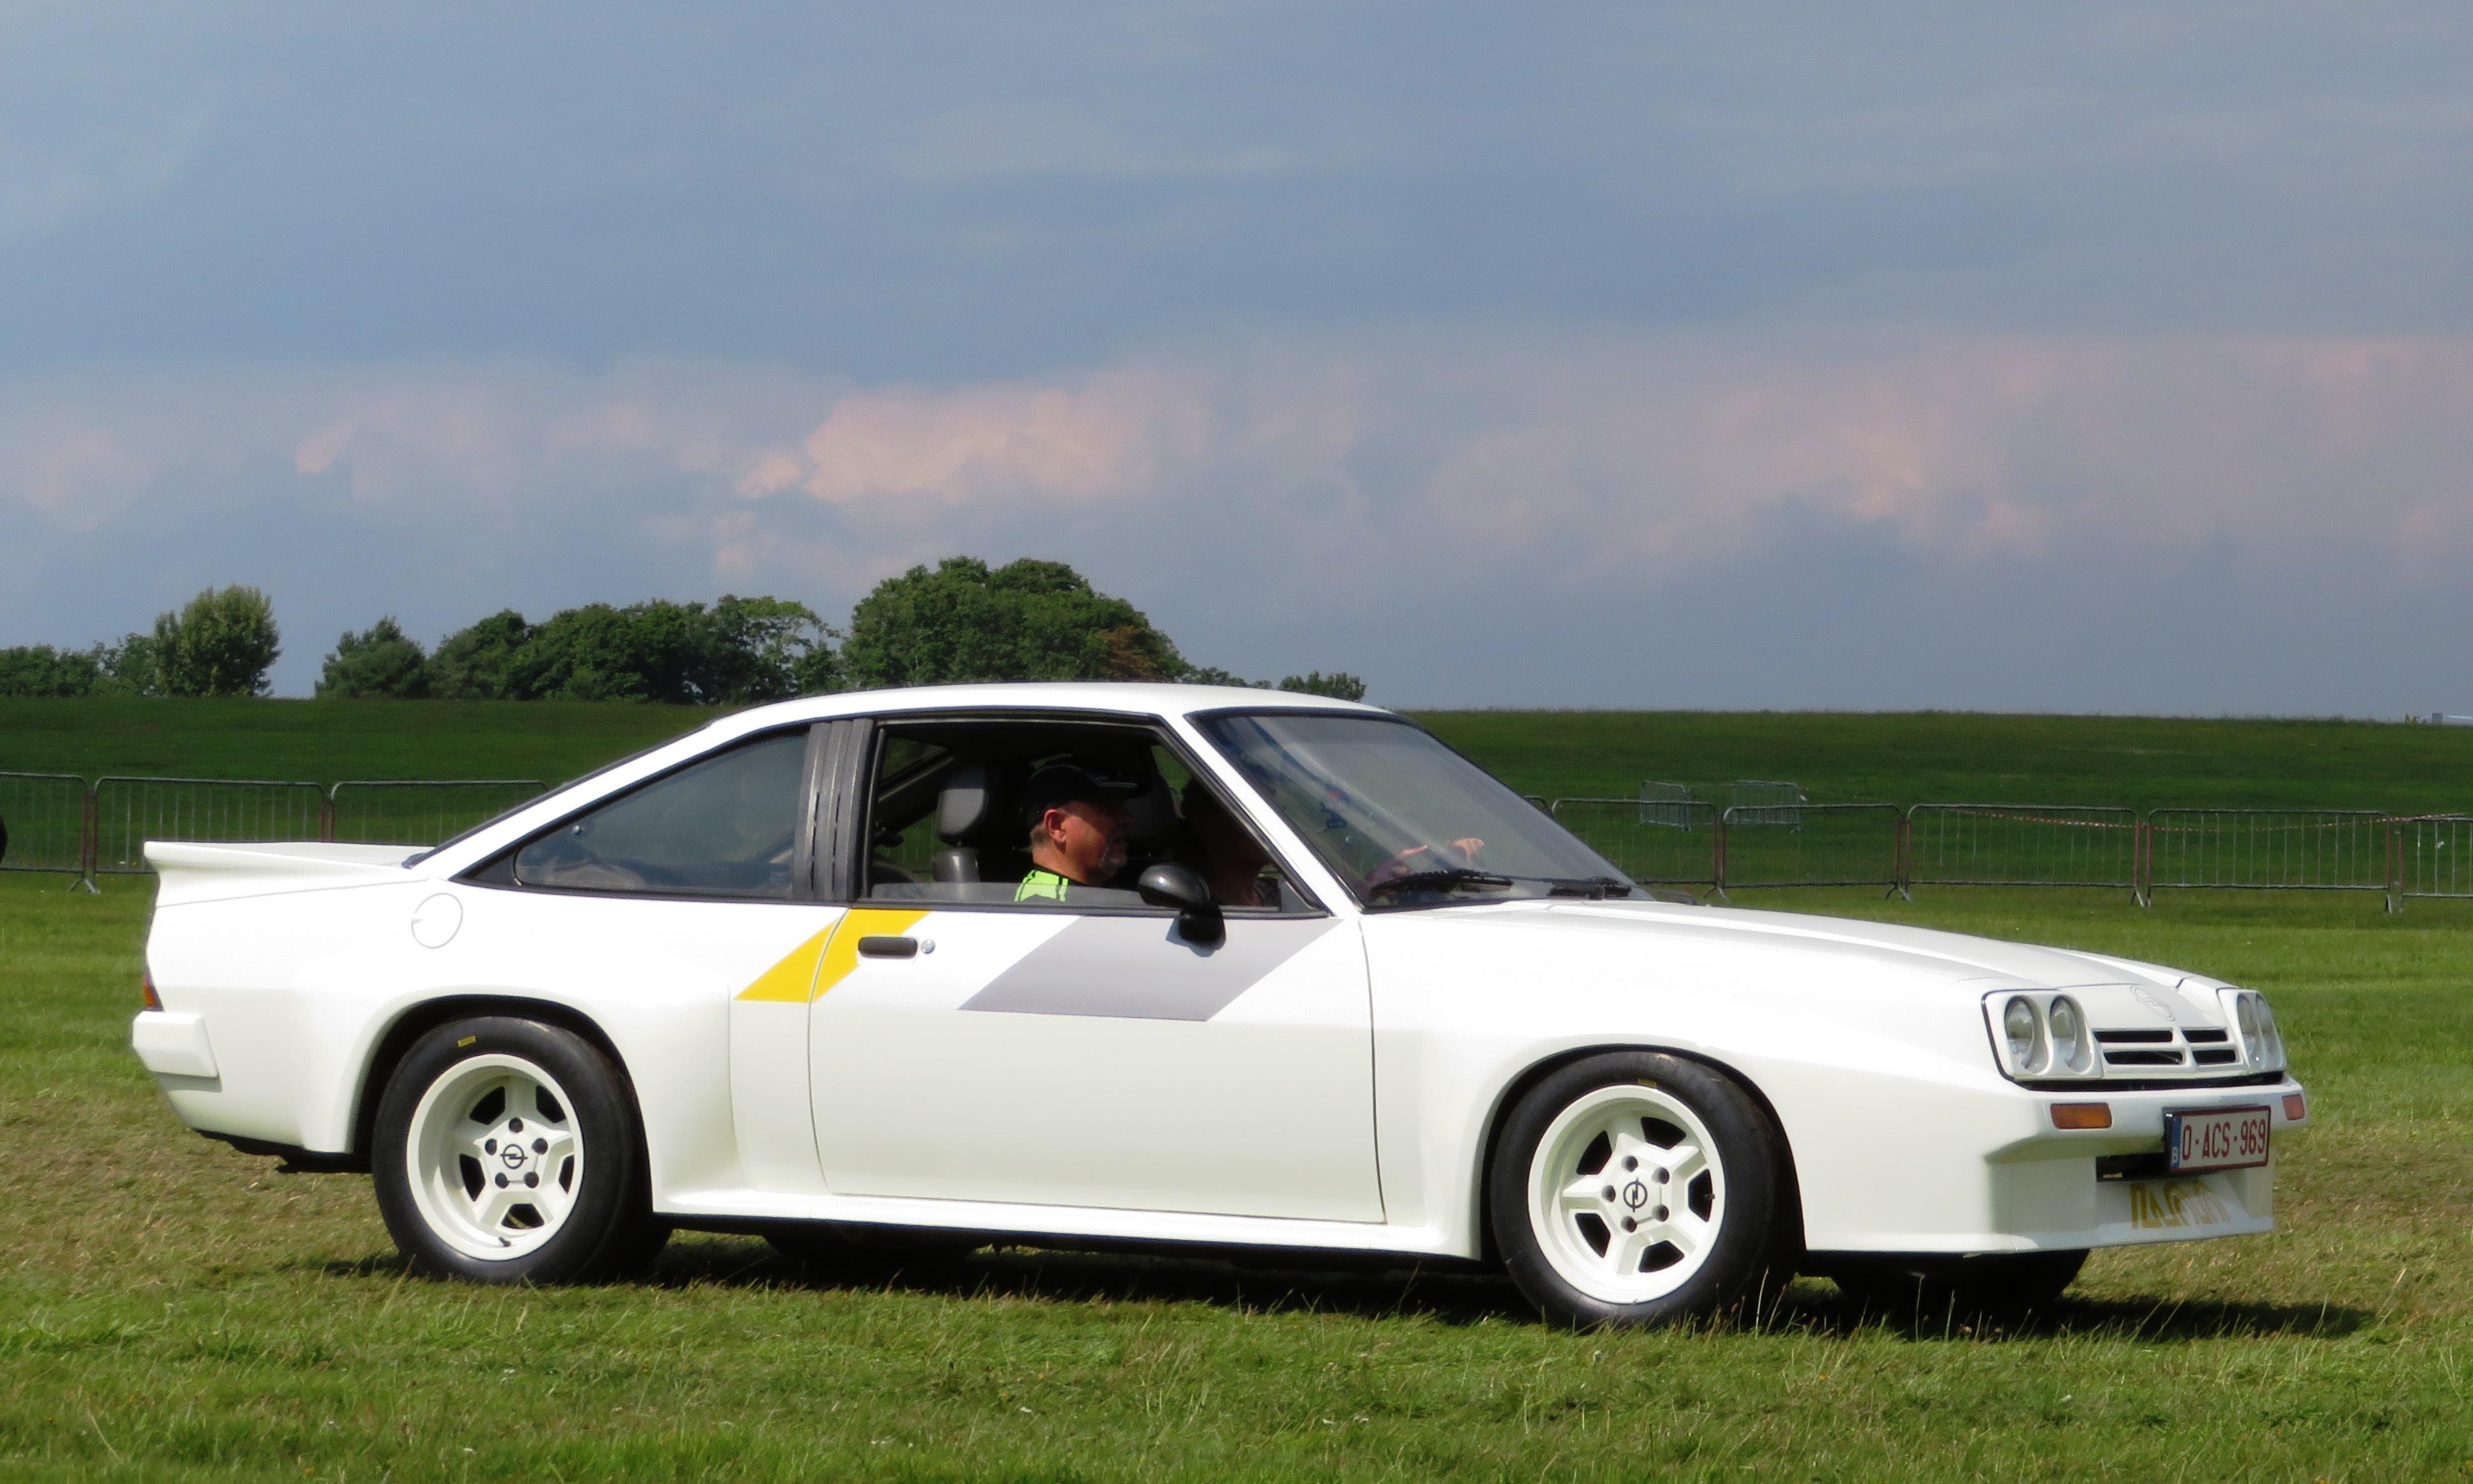 Slik så en Manta 400 ut etter å ha mottatt bredding, doble frontlykter, og bedre effekt.